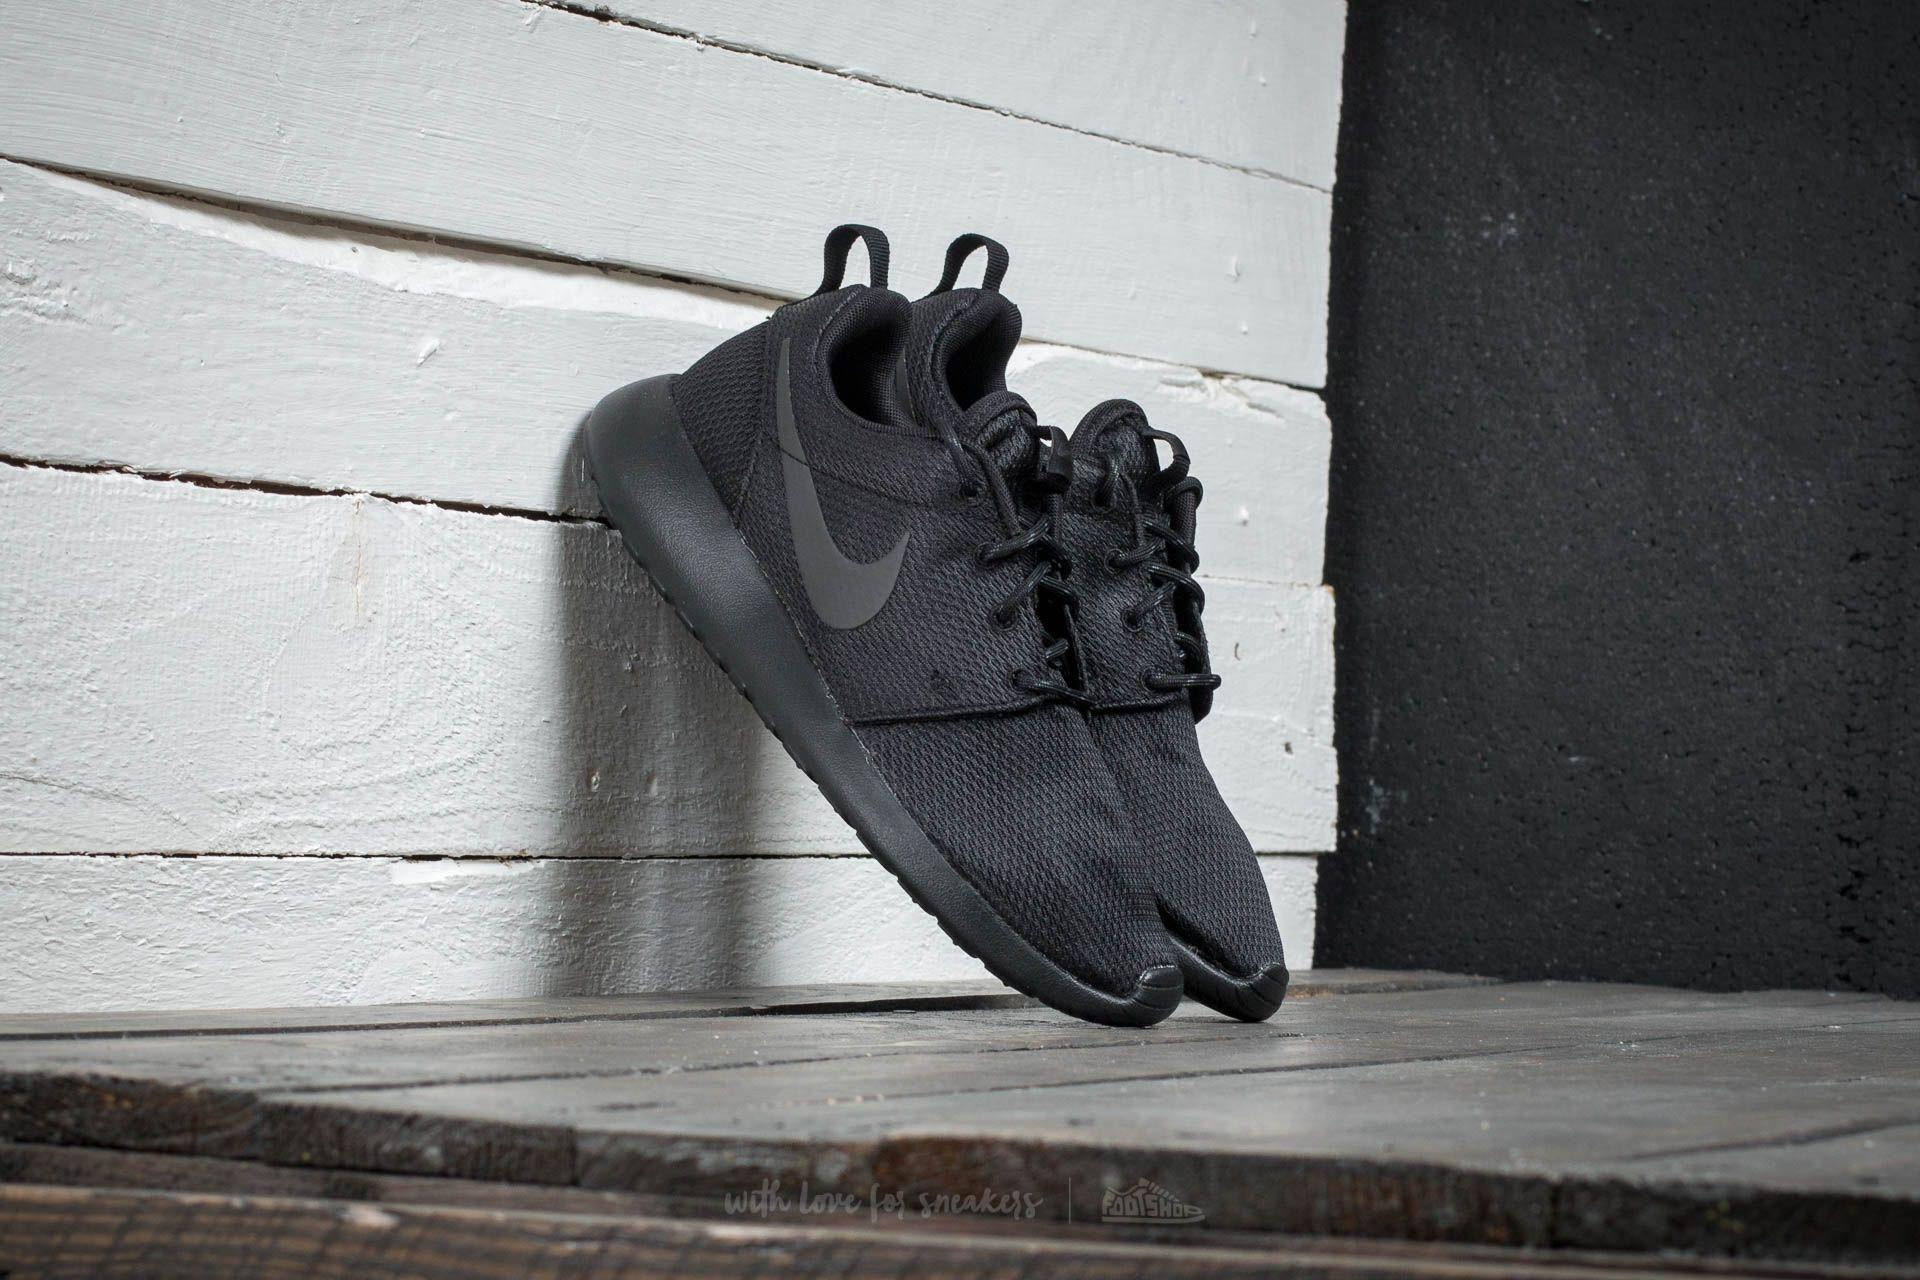 Nike Wmns Roshe One Black/ Black- Anthracite Footshop – FR